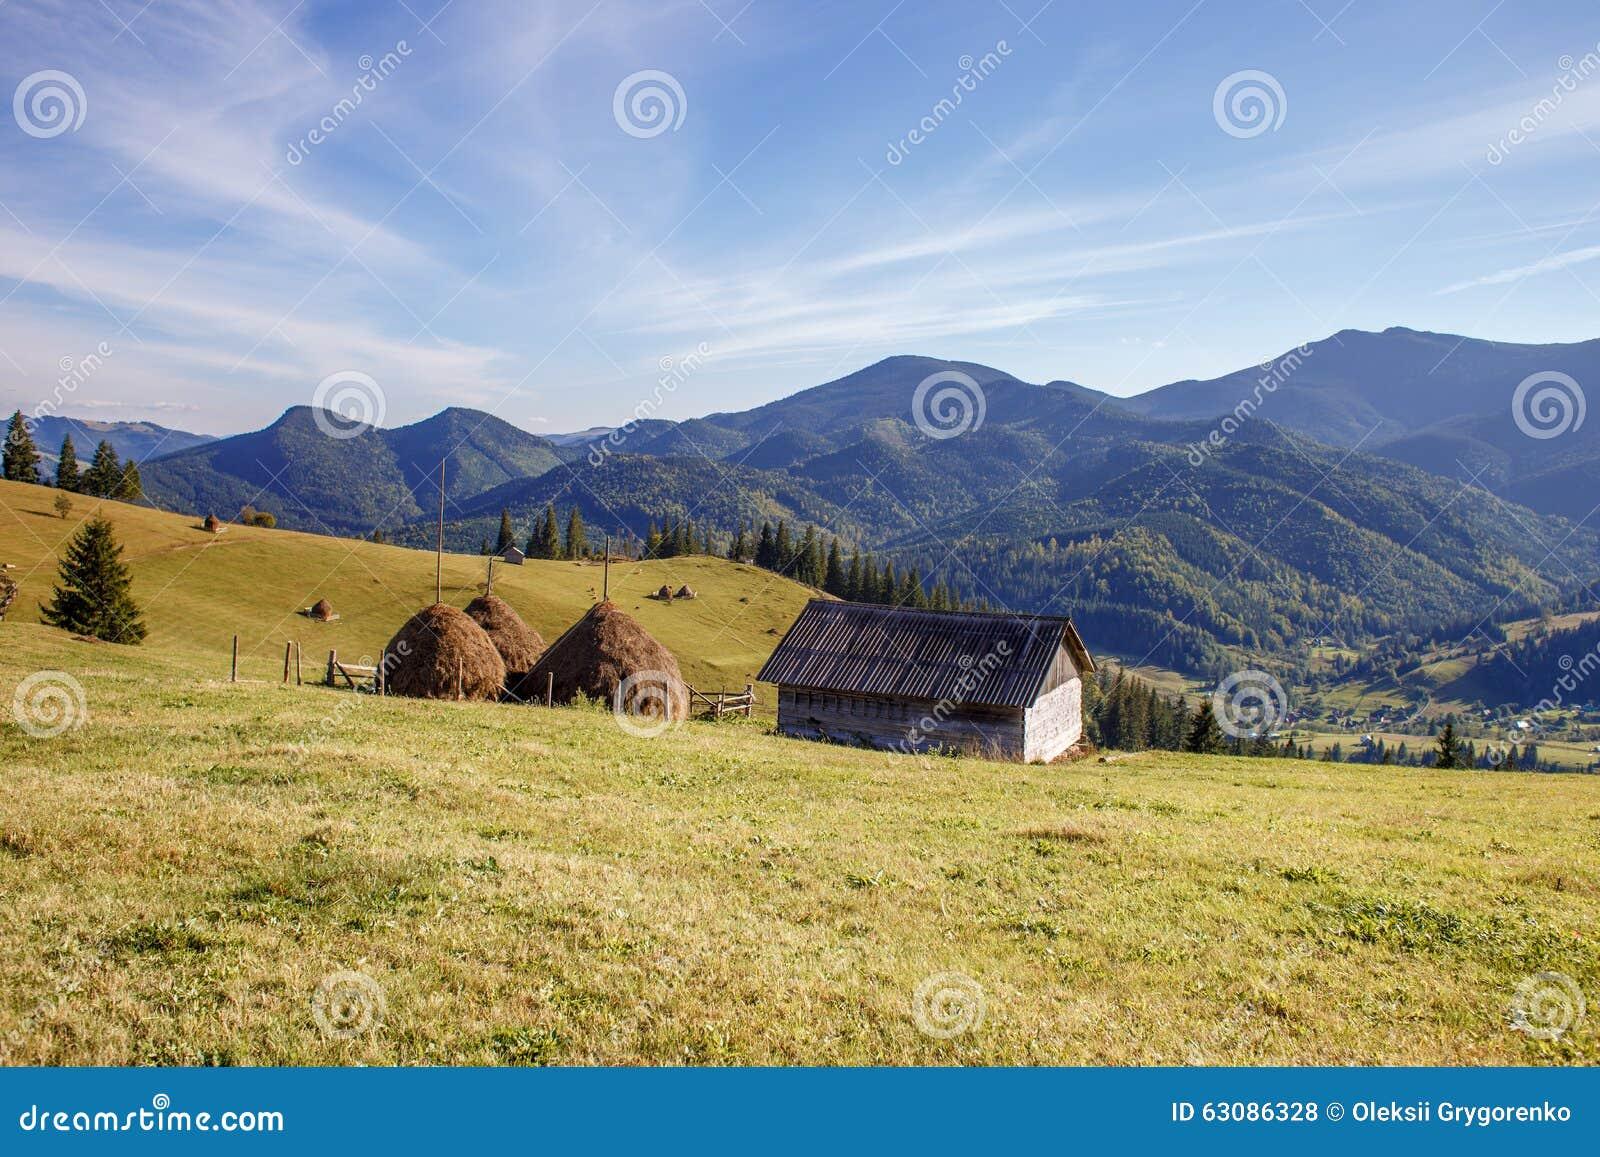 Download La Maison En Bois Mignonne Et Récolte Sur Le Fond De Montagnes Photo stock - Image du toit, zone: 63086328